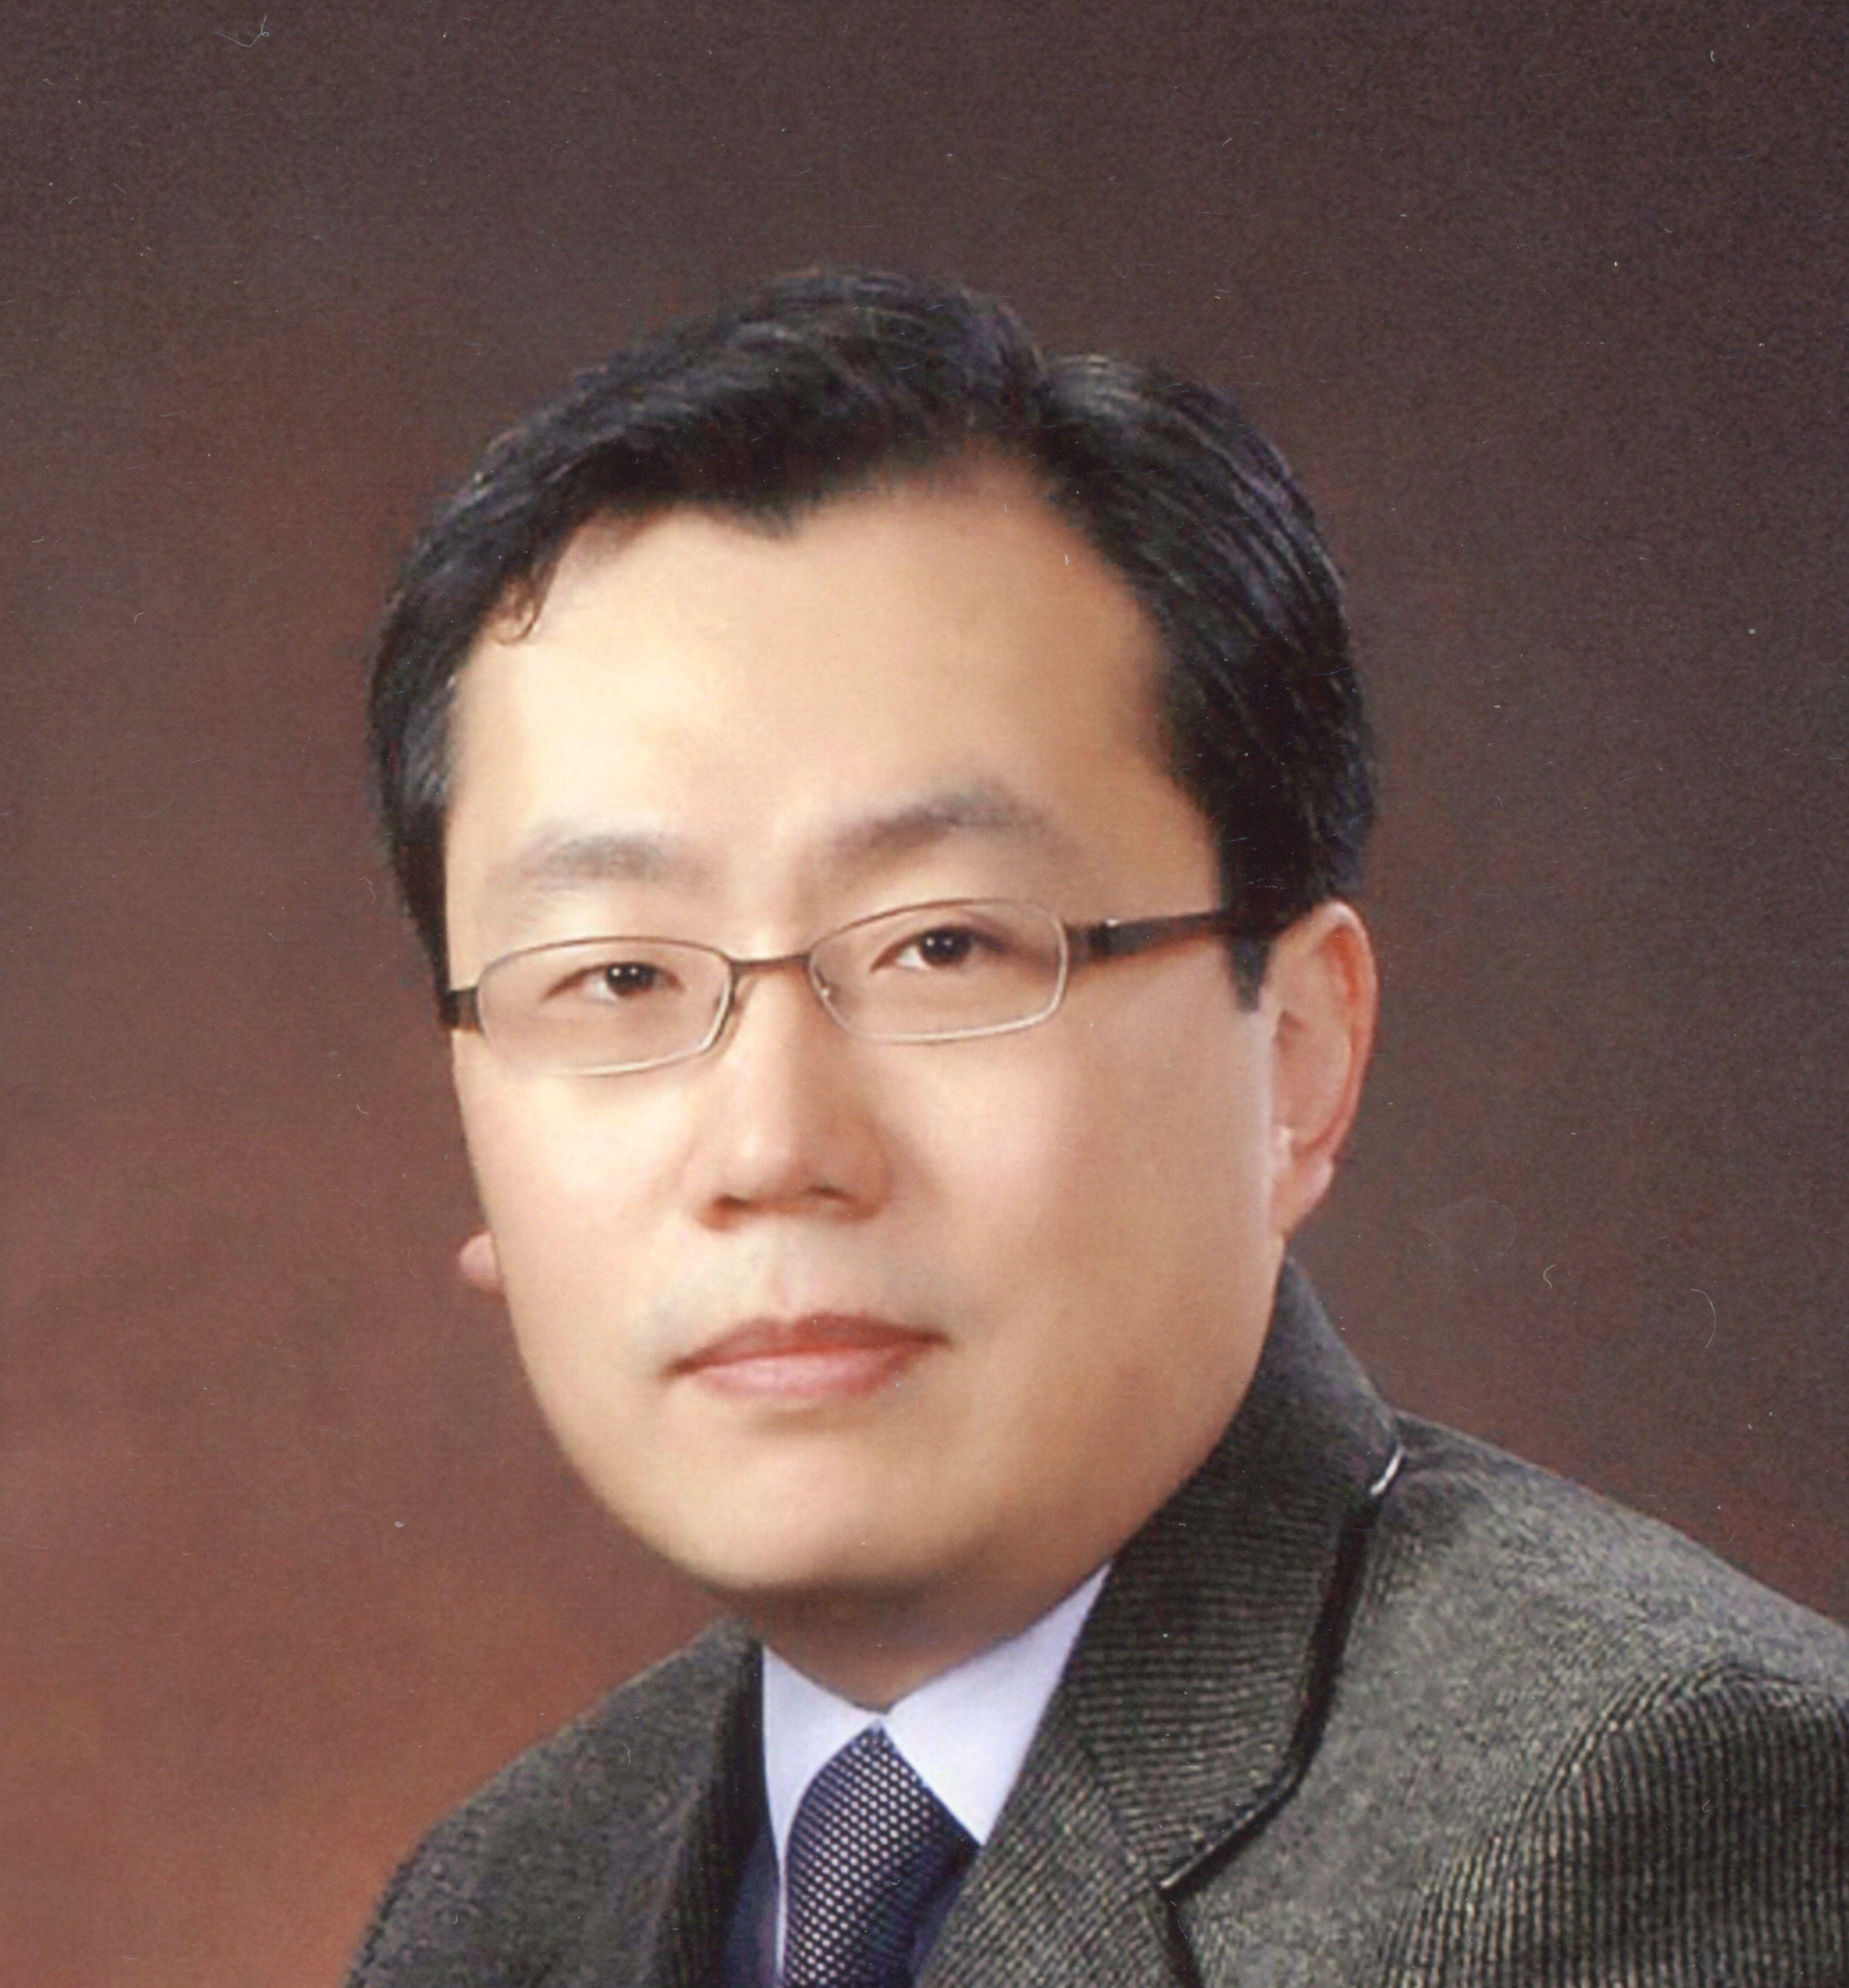 제55대 익산지방국토관리청장에 김규현씨